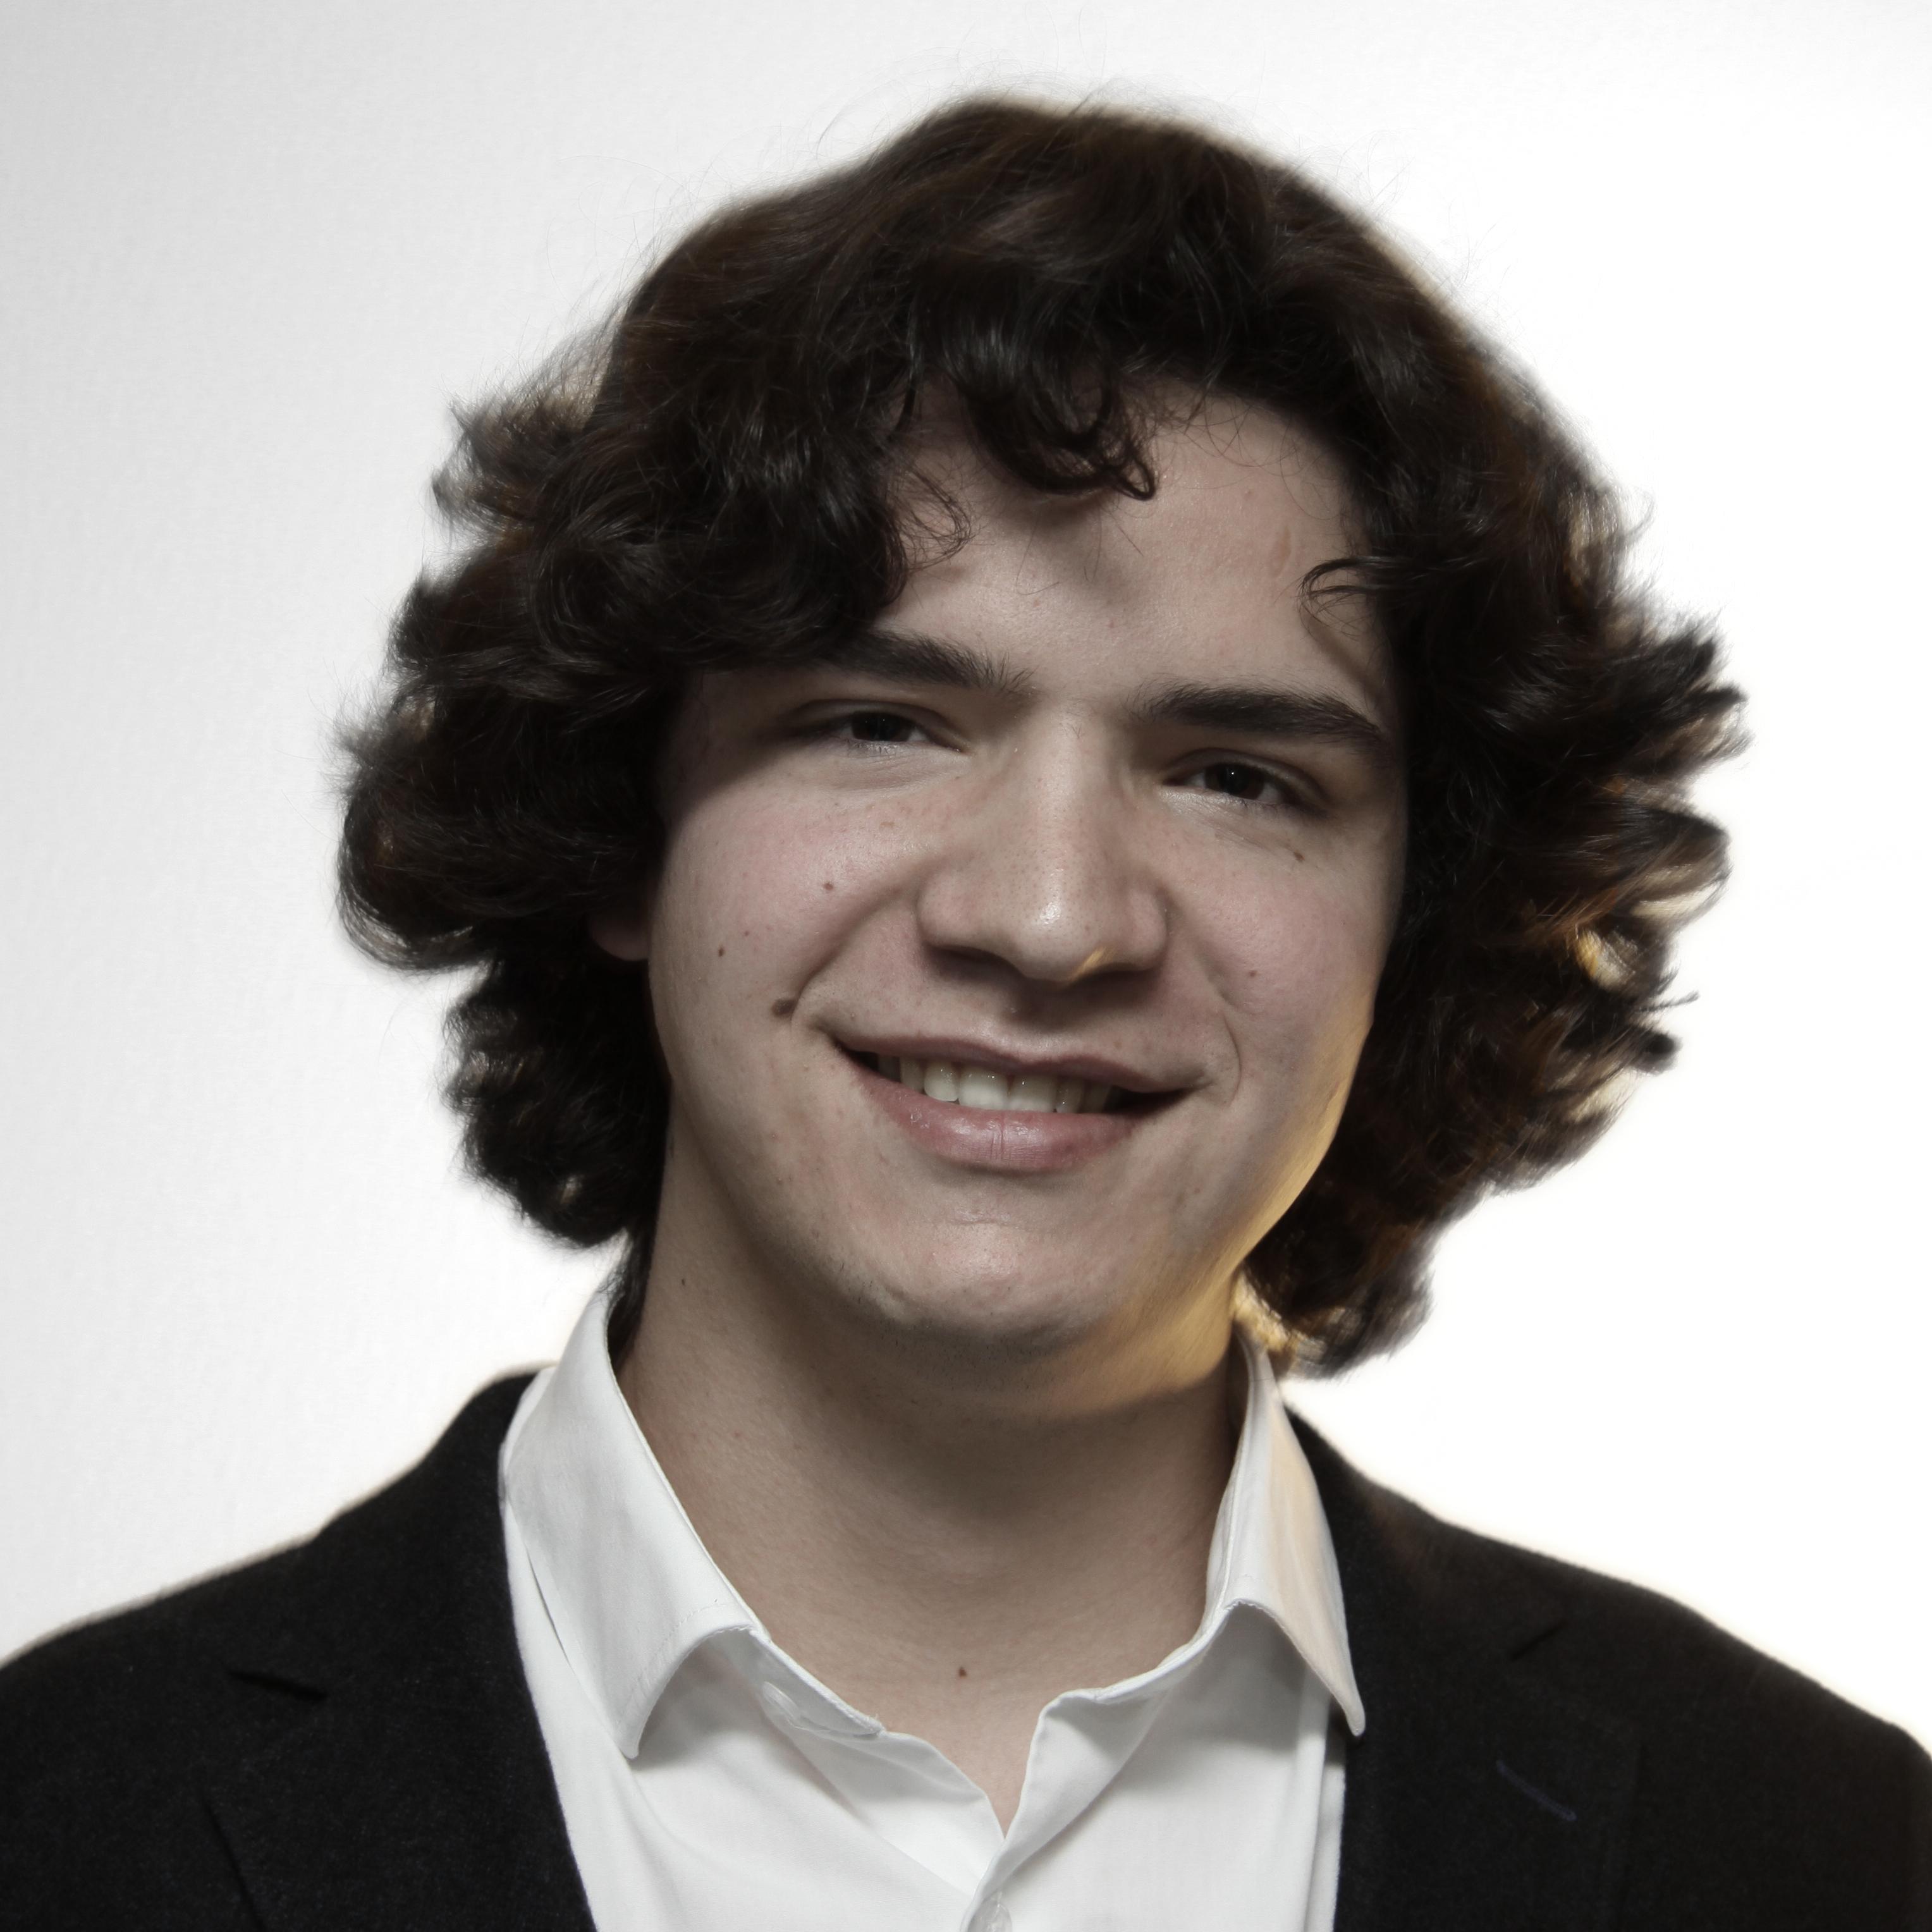 Jonathan Baumeister